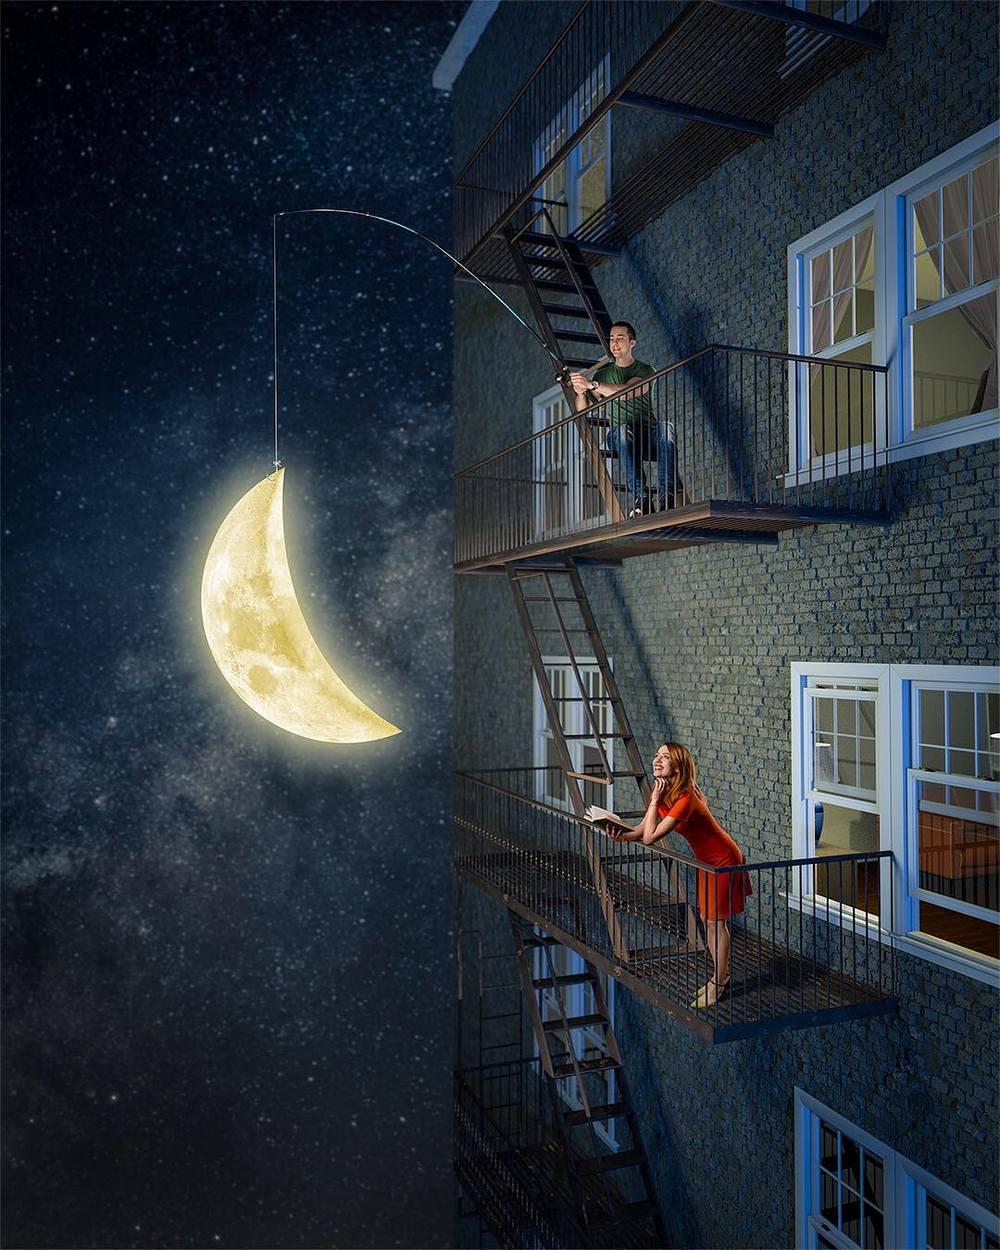 Удивительные сказочные фотоколлажи от Неманья Секулича